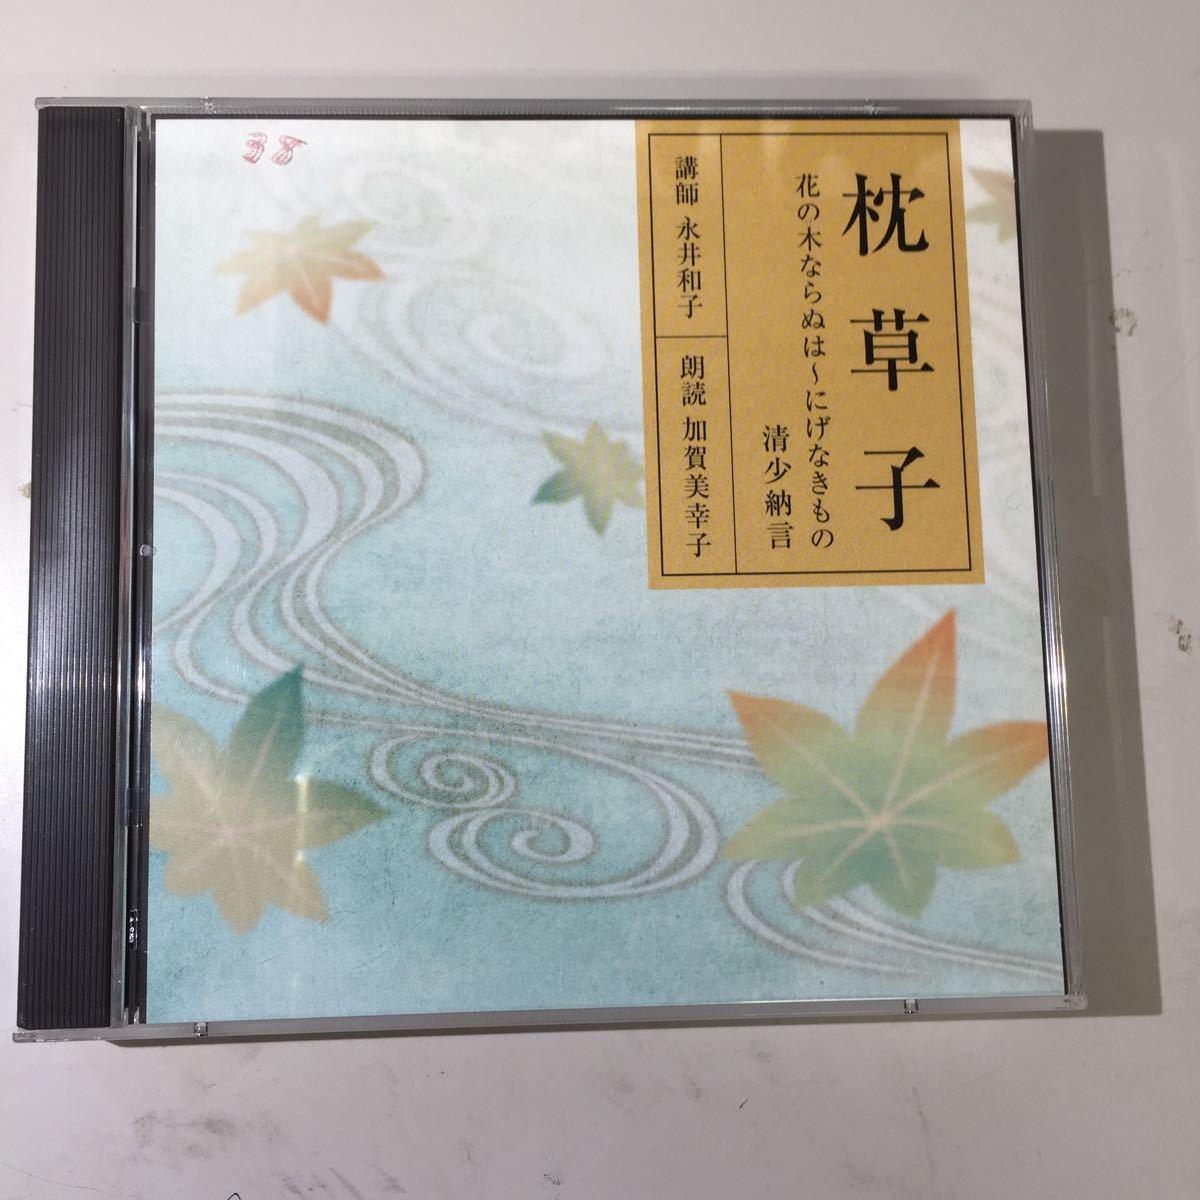 枕草子CD 春の木ならぬは にげなきもの 清少納言 二枚組